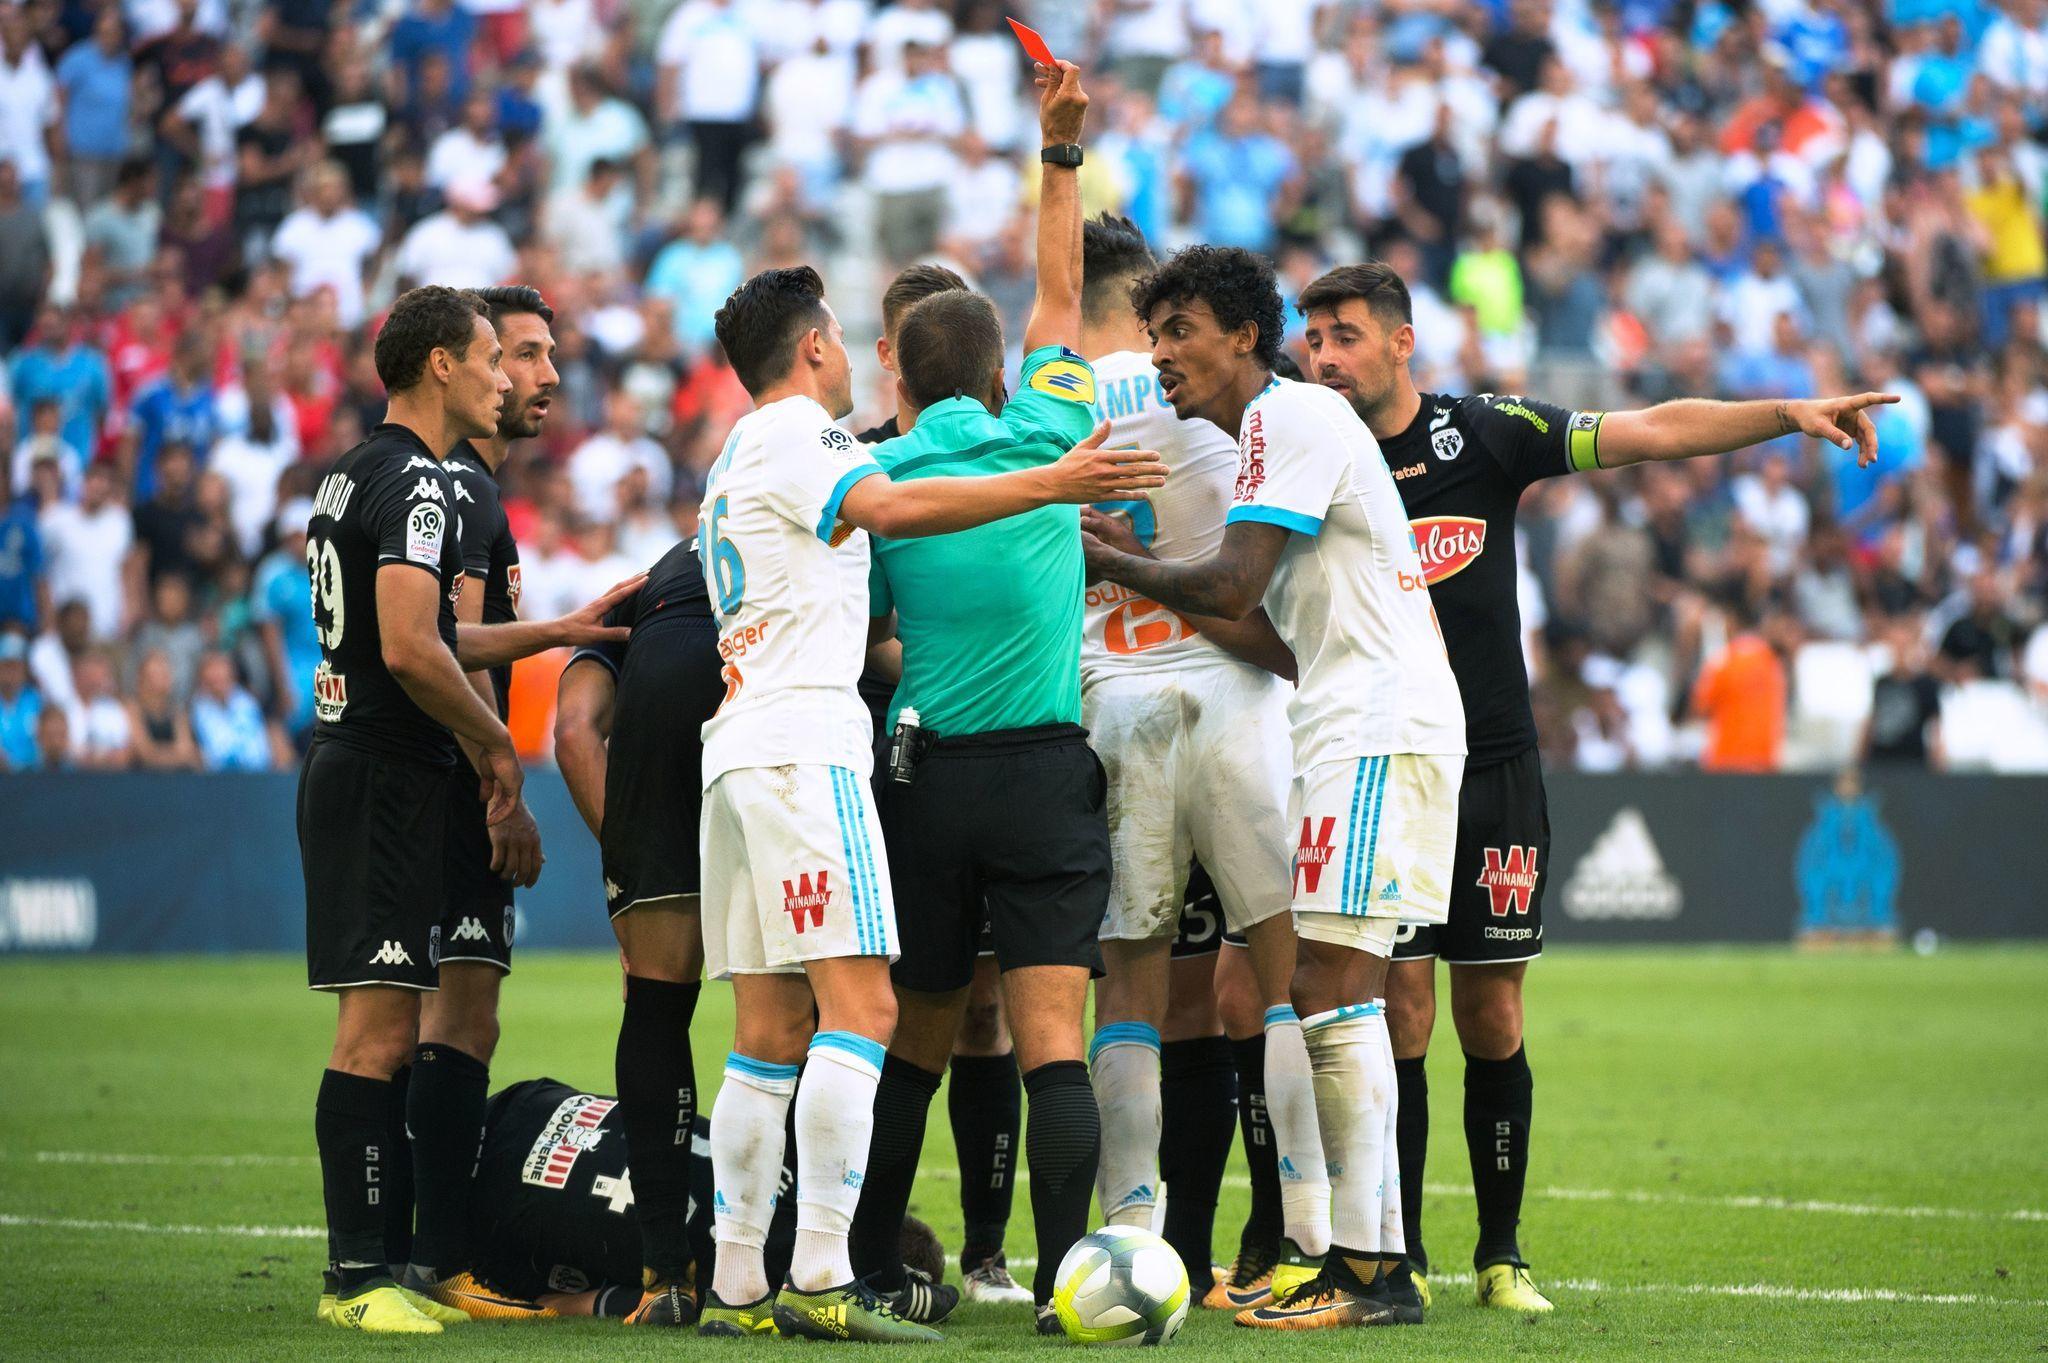 Ct-hoy-ocampos-red-as-marseille-draws-neymar-set-for-home-debut-20170820